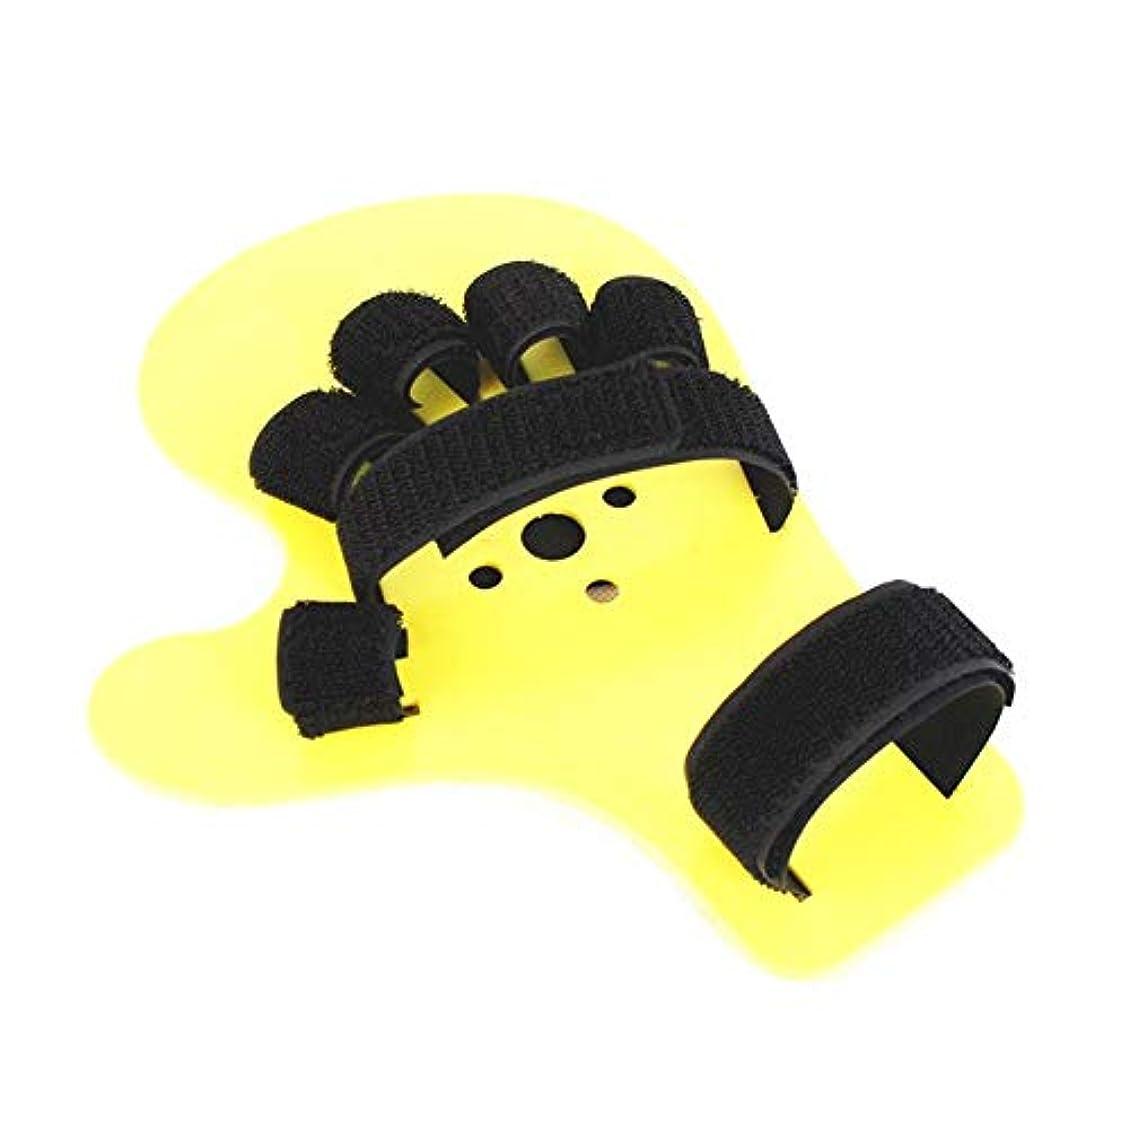 彼の彼のプラカード指の固定板、圧力指板分離器、ABS調節可能な大人の指の装具指先/片麻痺/